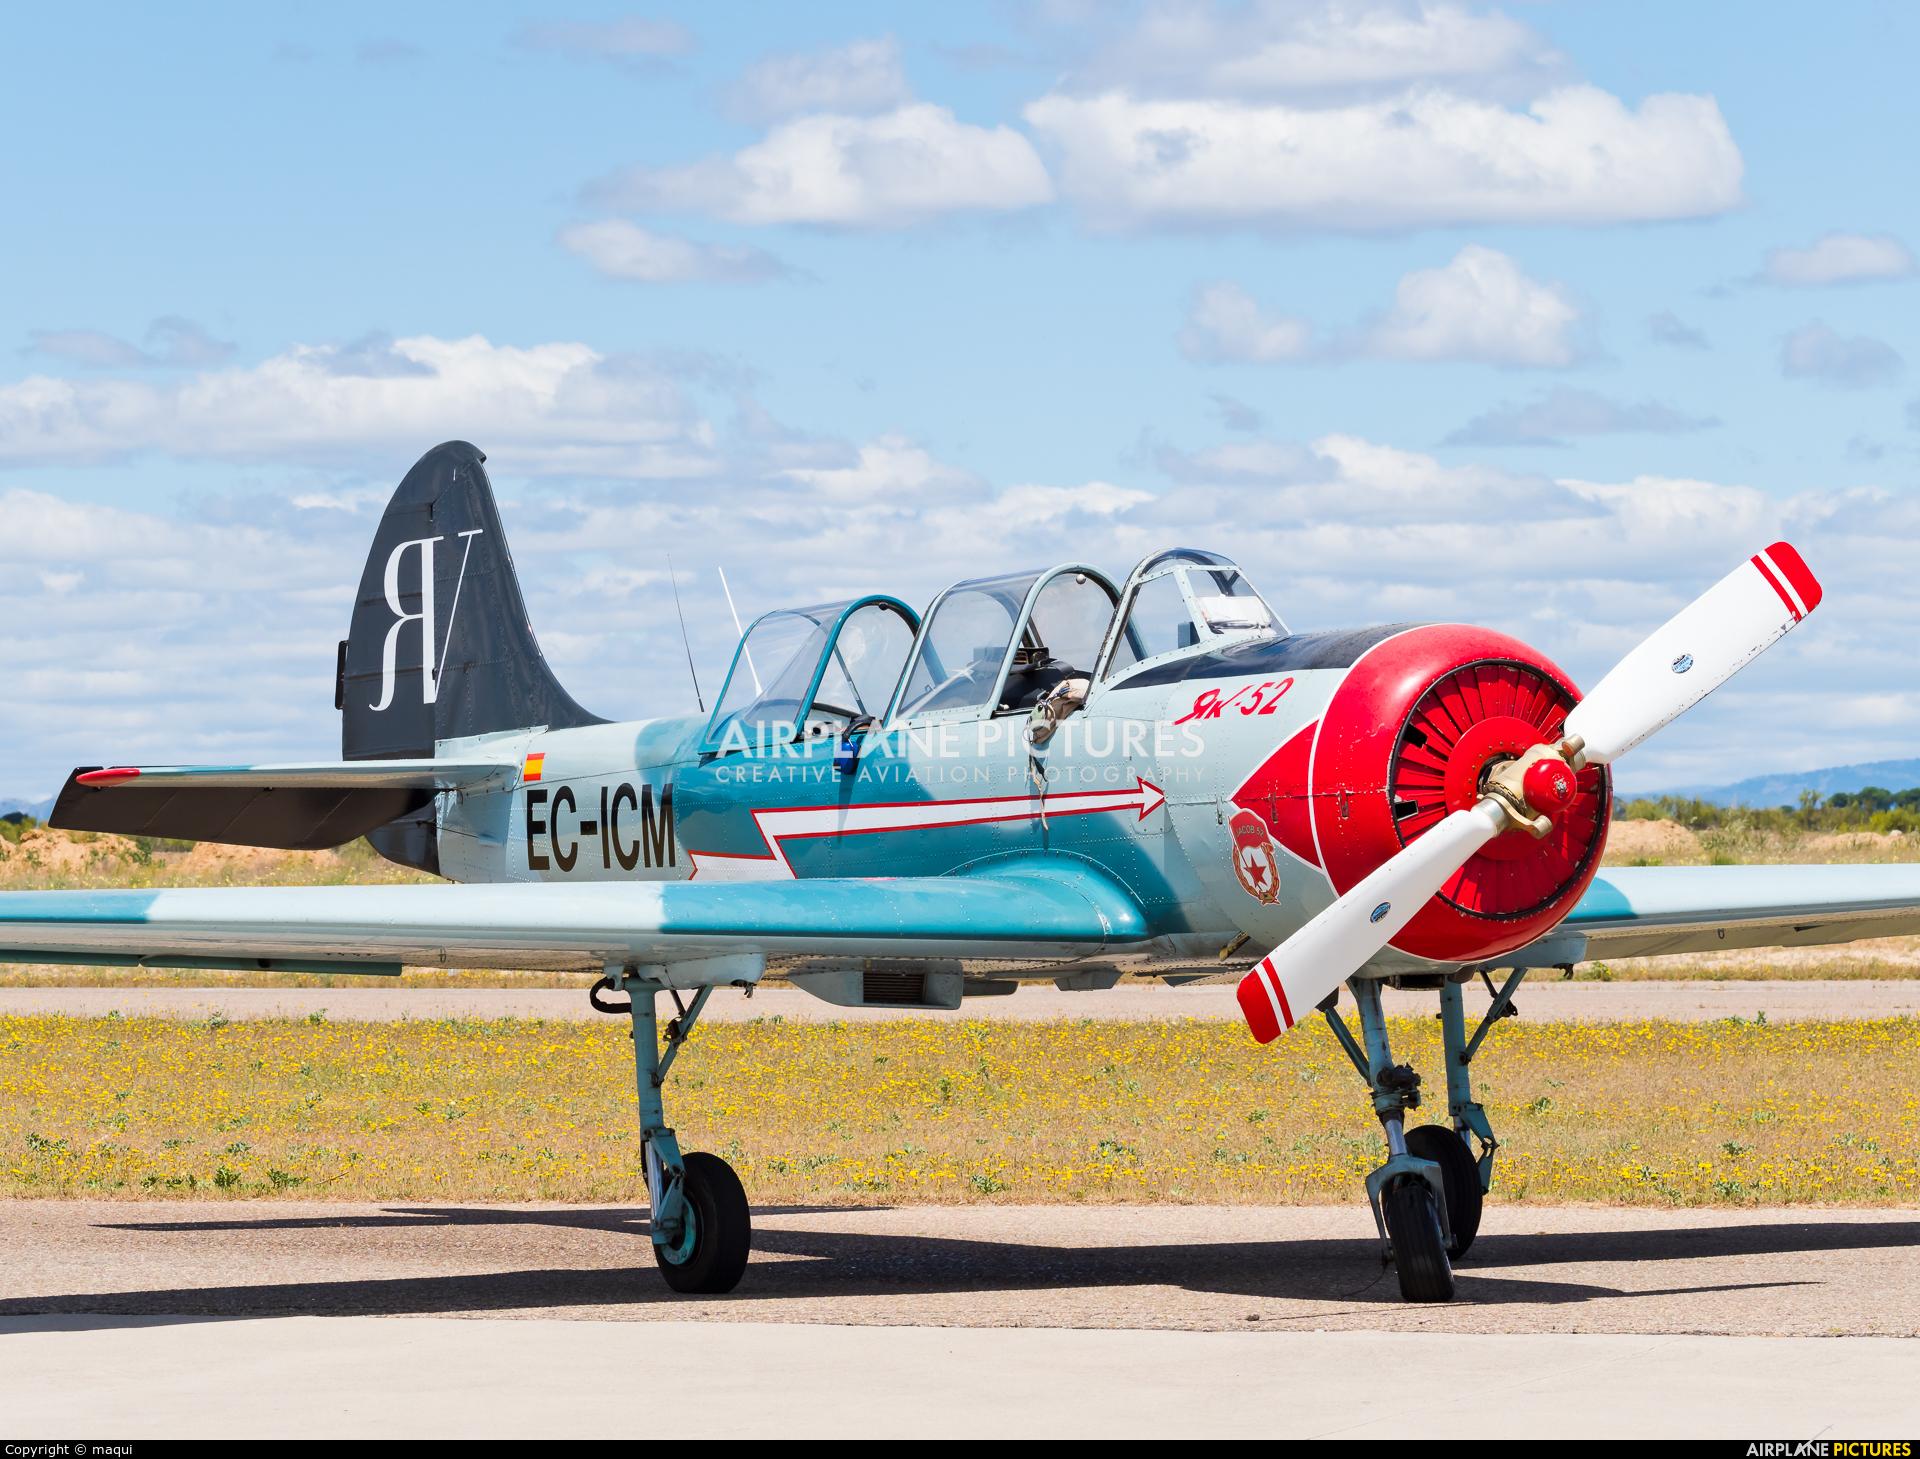 """Asociación Deportiva """"Jacob 52"""" EC-ICM aircraft at Casarrubios del Monte"""